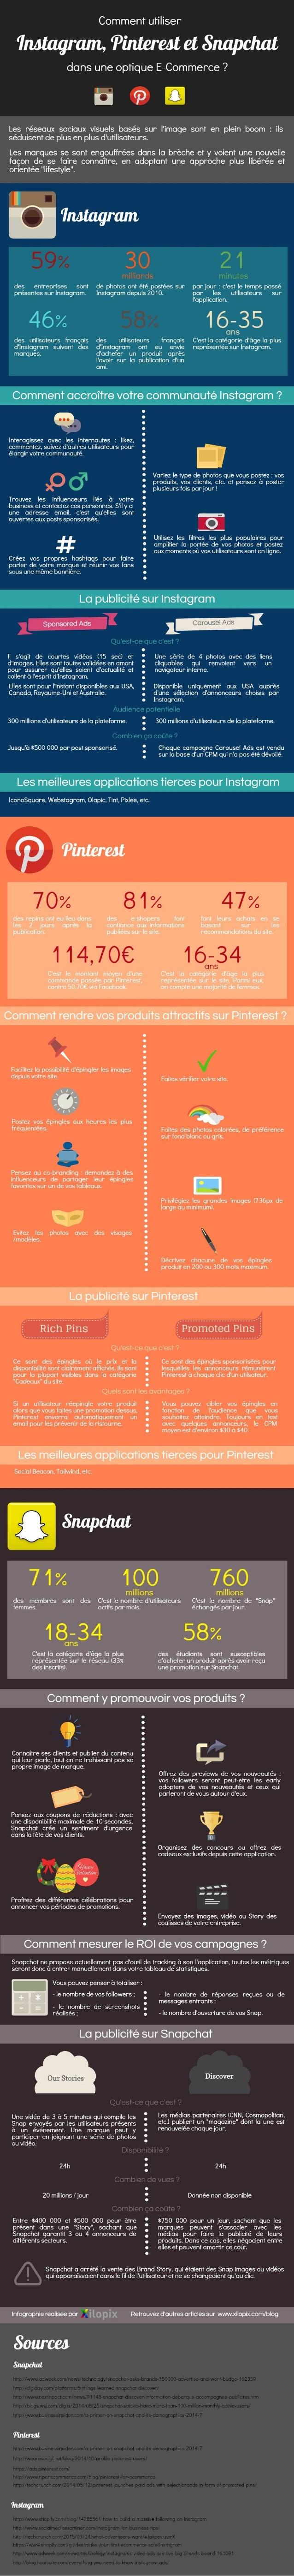 Maîtrisez les codes d'Instagram, Pinterest et Snapchat pour l'E-Cmmerce